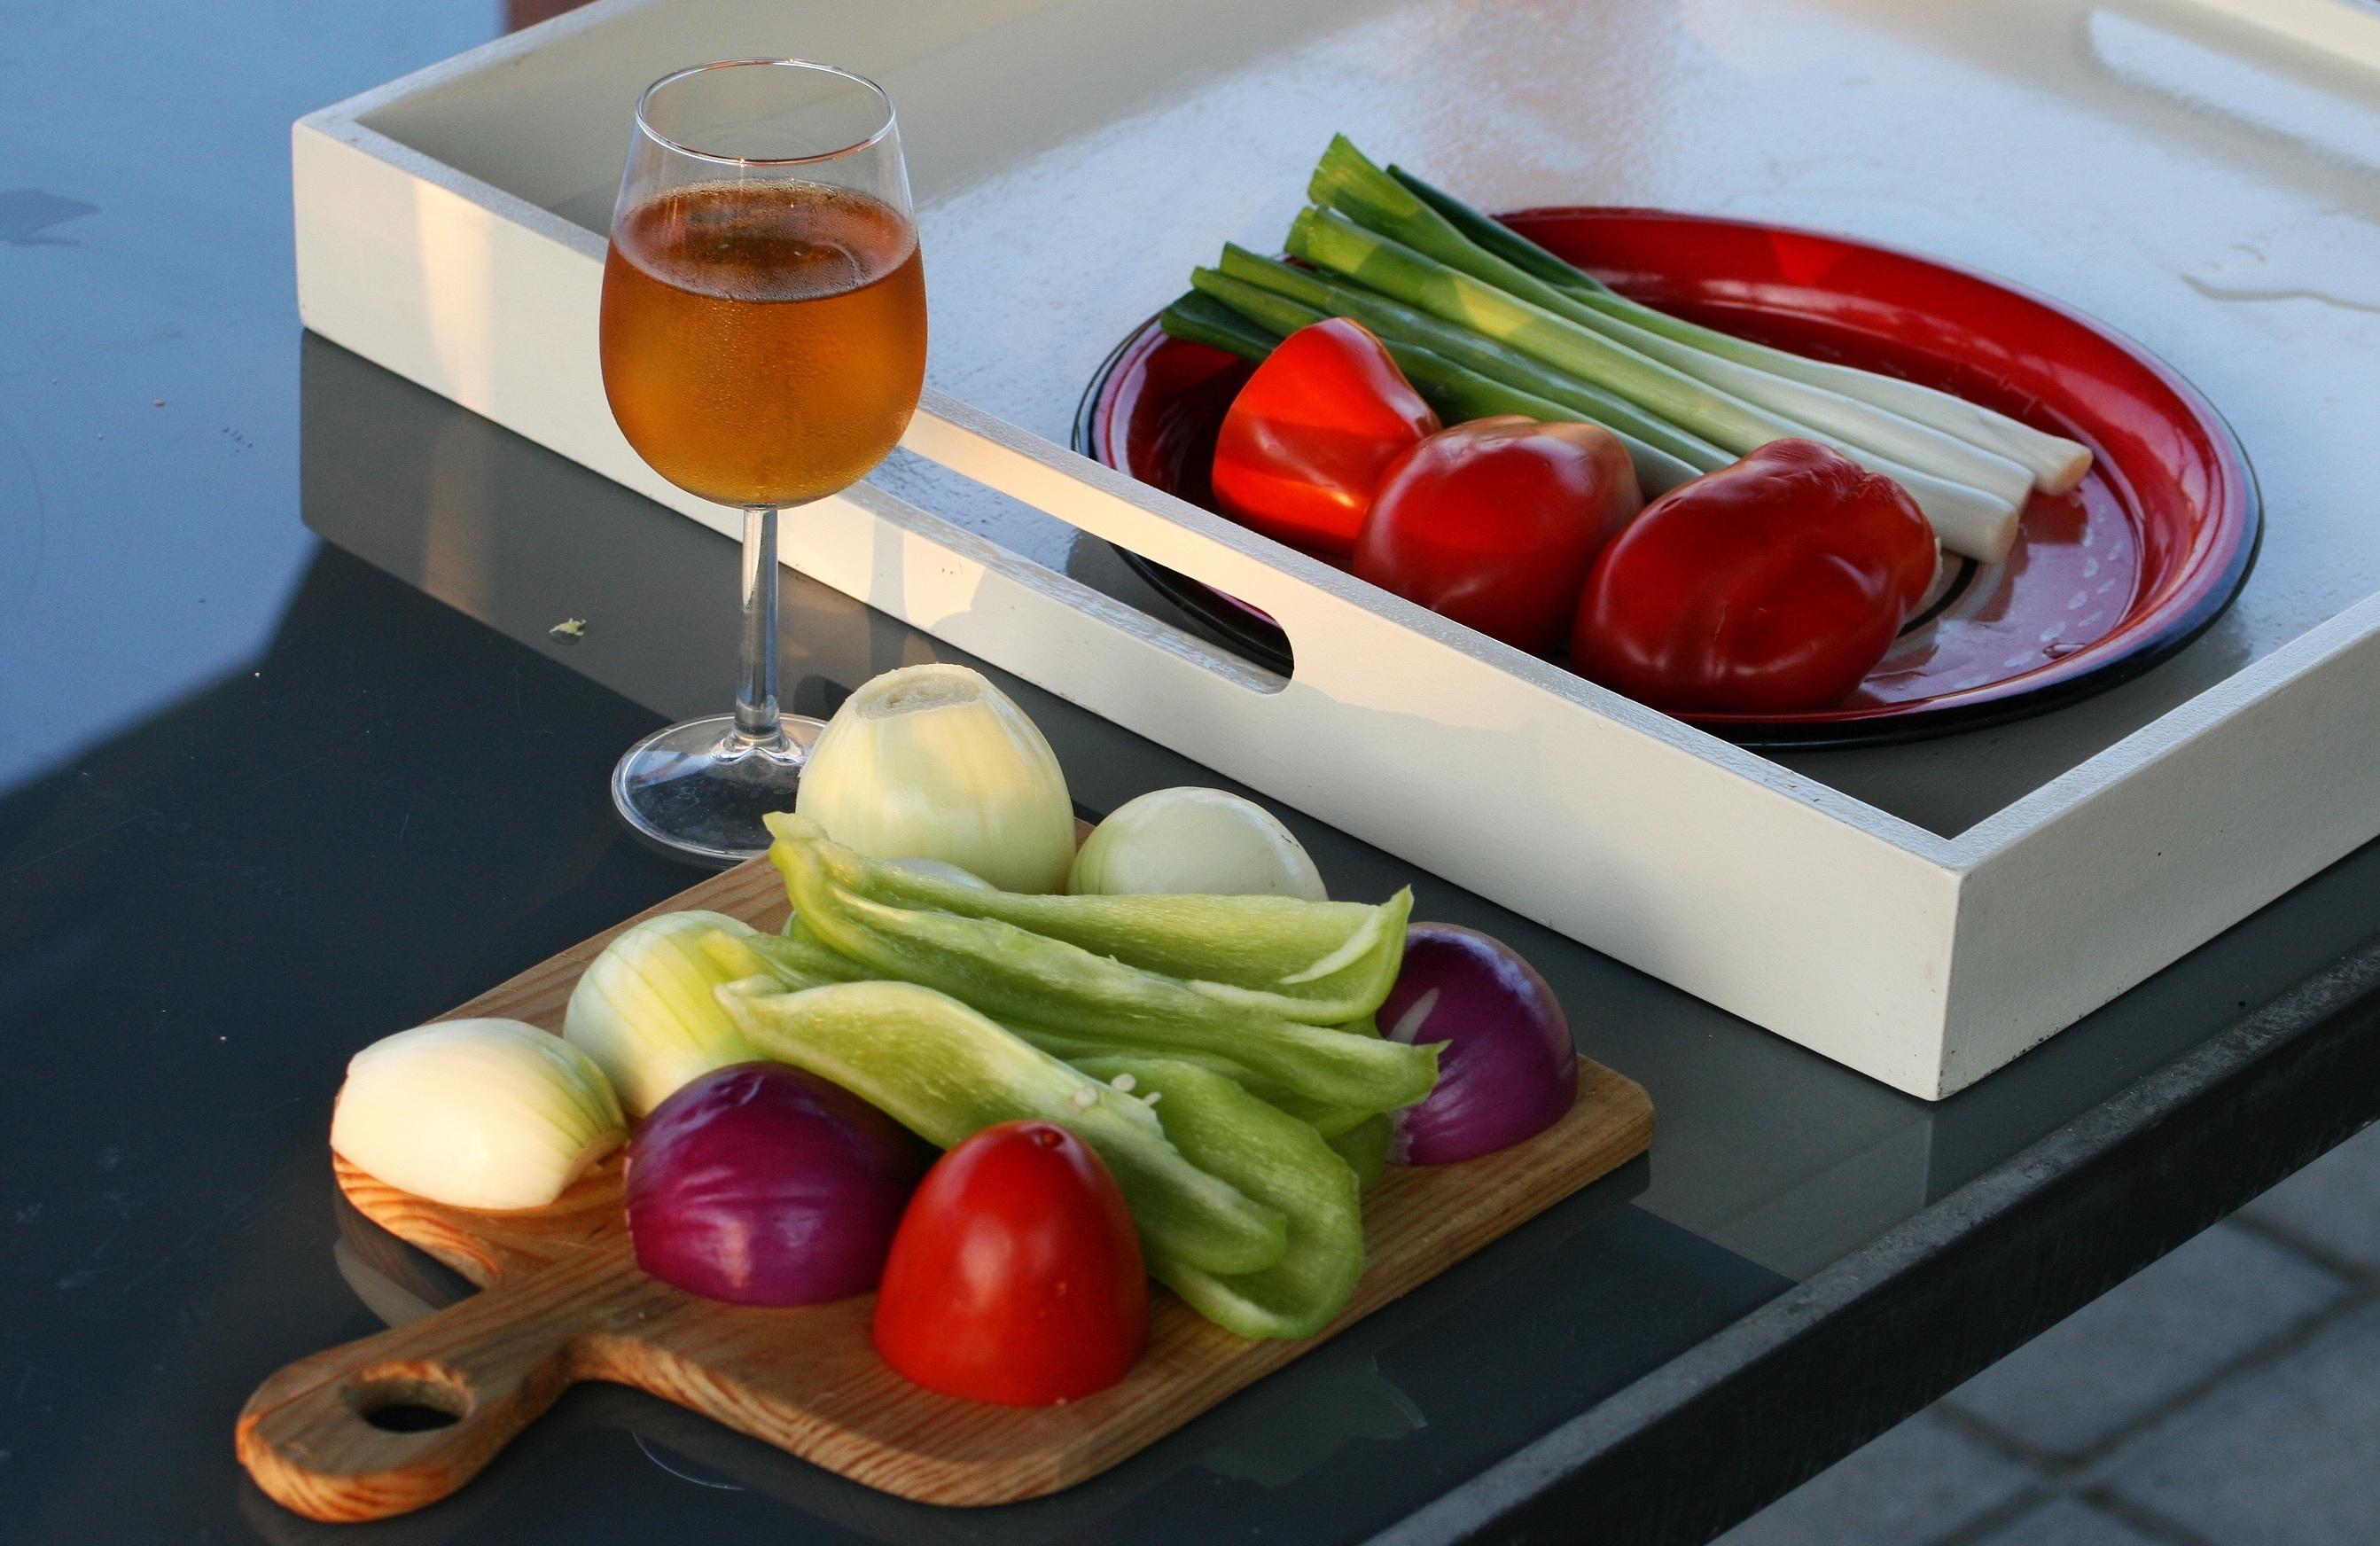 fotos mesa plato comida pimienta cocina produce